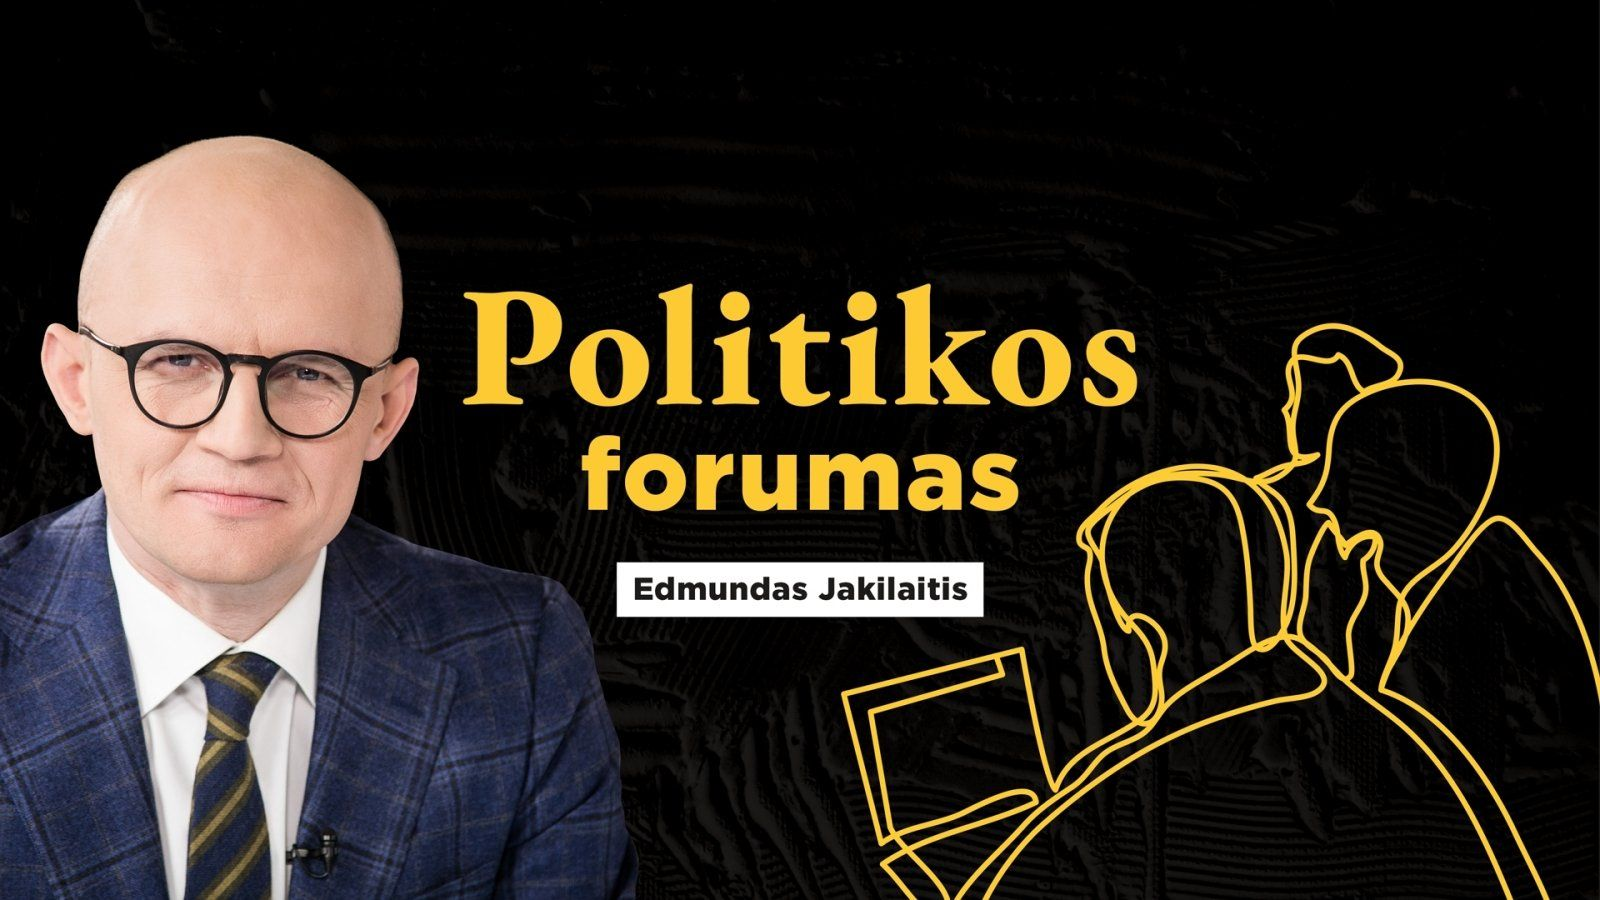 """Politikos forumas su Edmundu Jakilaičiu / """"Kokia turėtų būti Lietuvos Rytų politika?"""""""